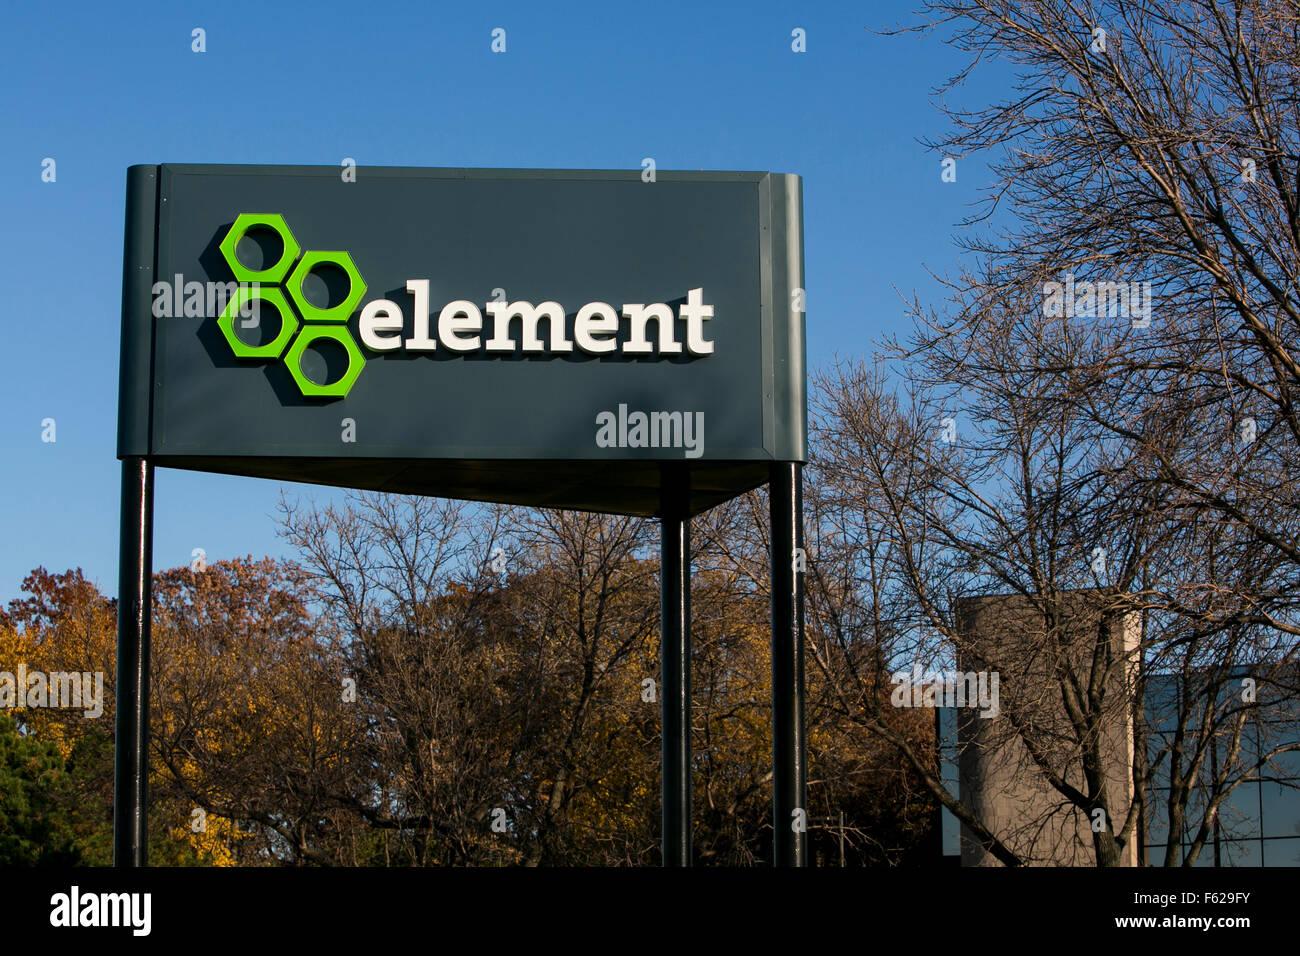 Un logo affiche à l'extérieur d'un établissement occupé par financière de l'élément Photo Stock